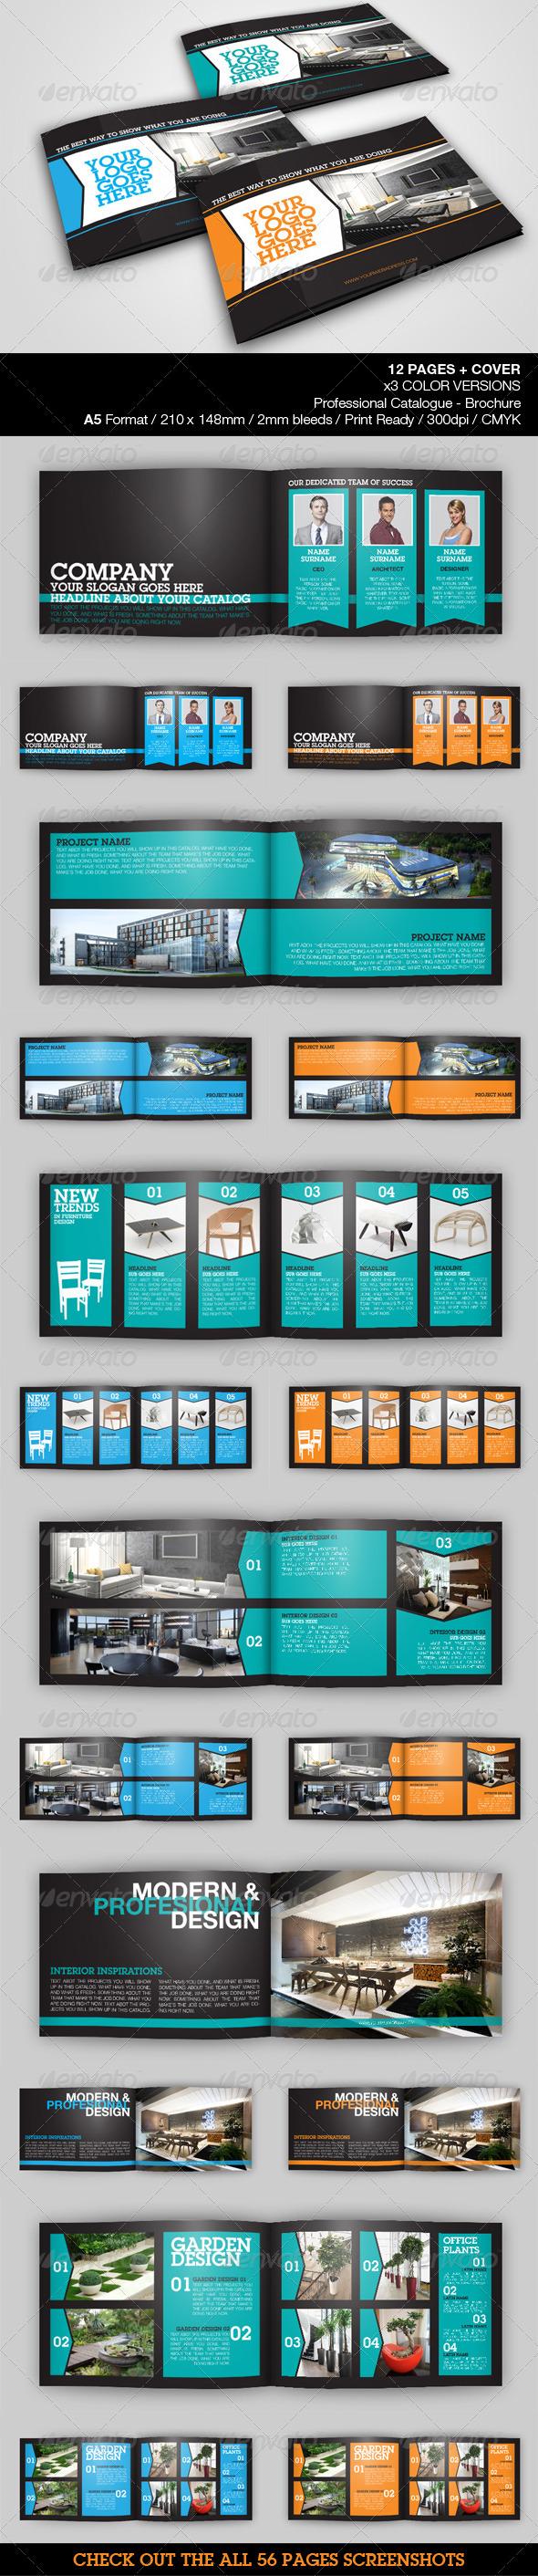 GraphicRiver Architecture & Design A5 Catalog 4103659